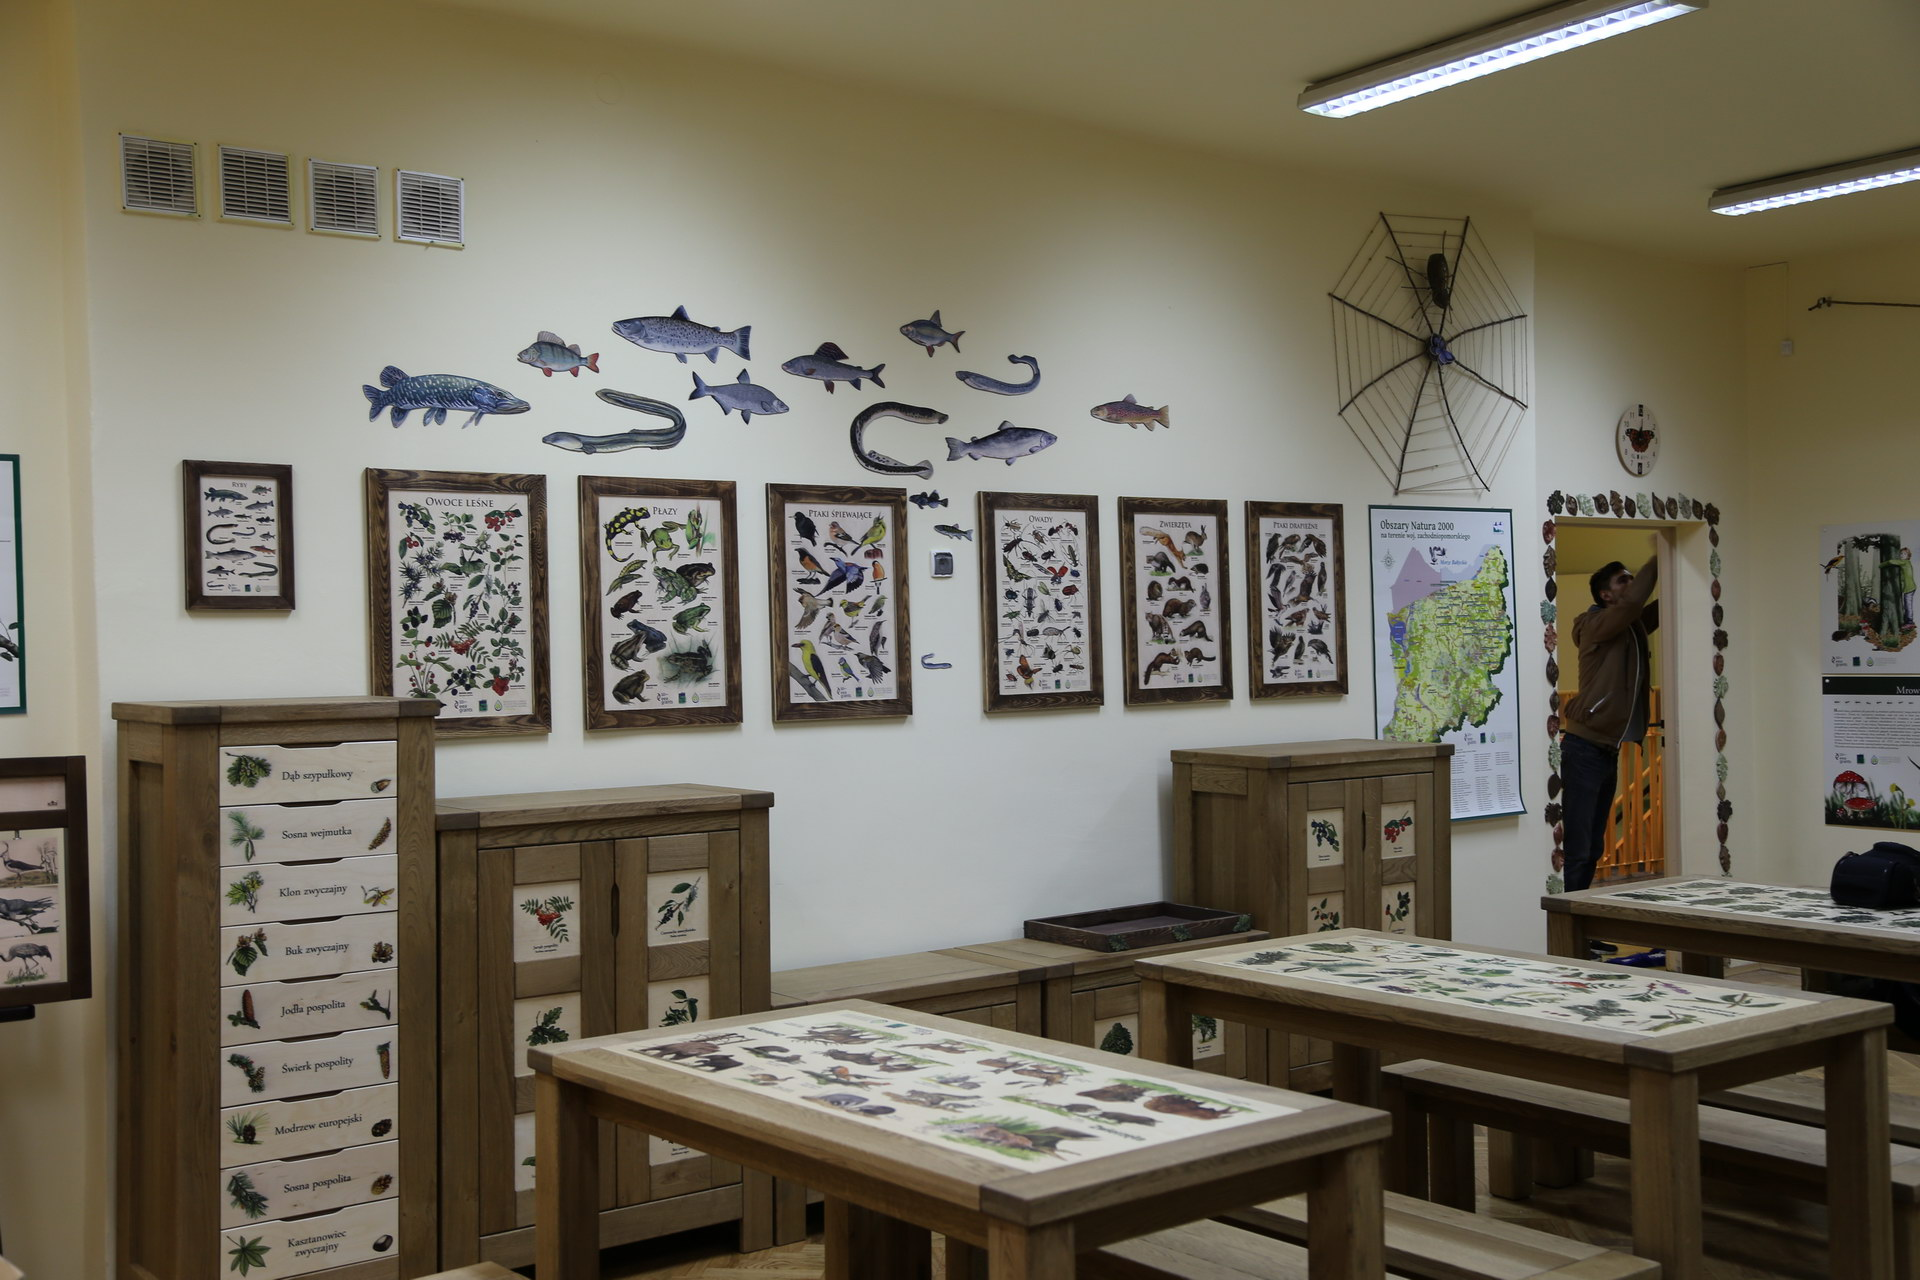 Izby edukacyjne lesne - sale przyrodnicze, wystroj wnetrz - SP nr 4 w Kolobrzegu (1)